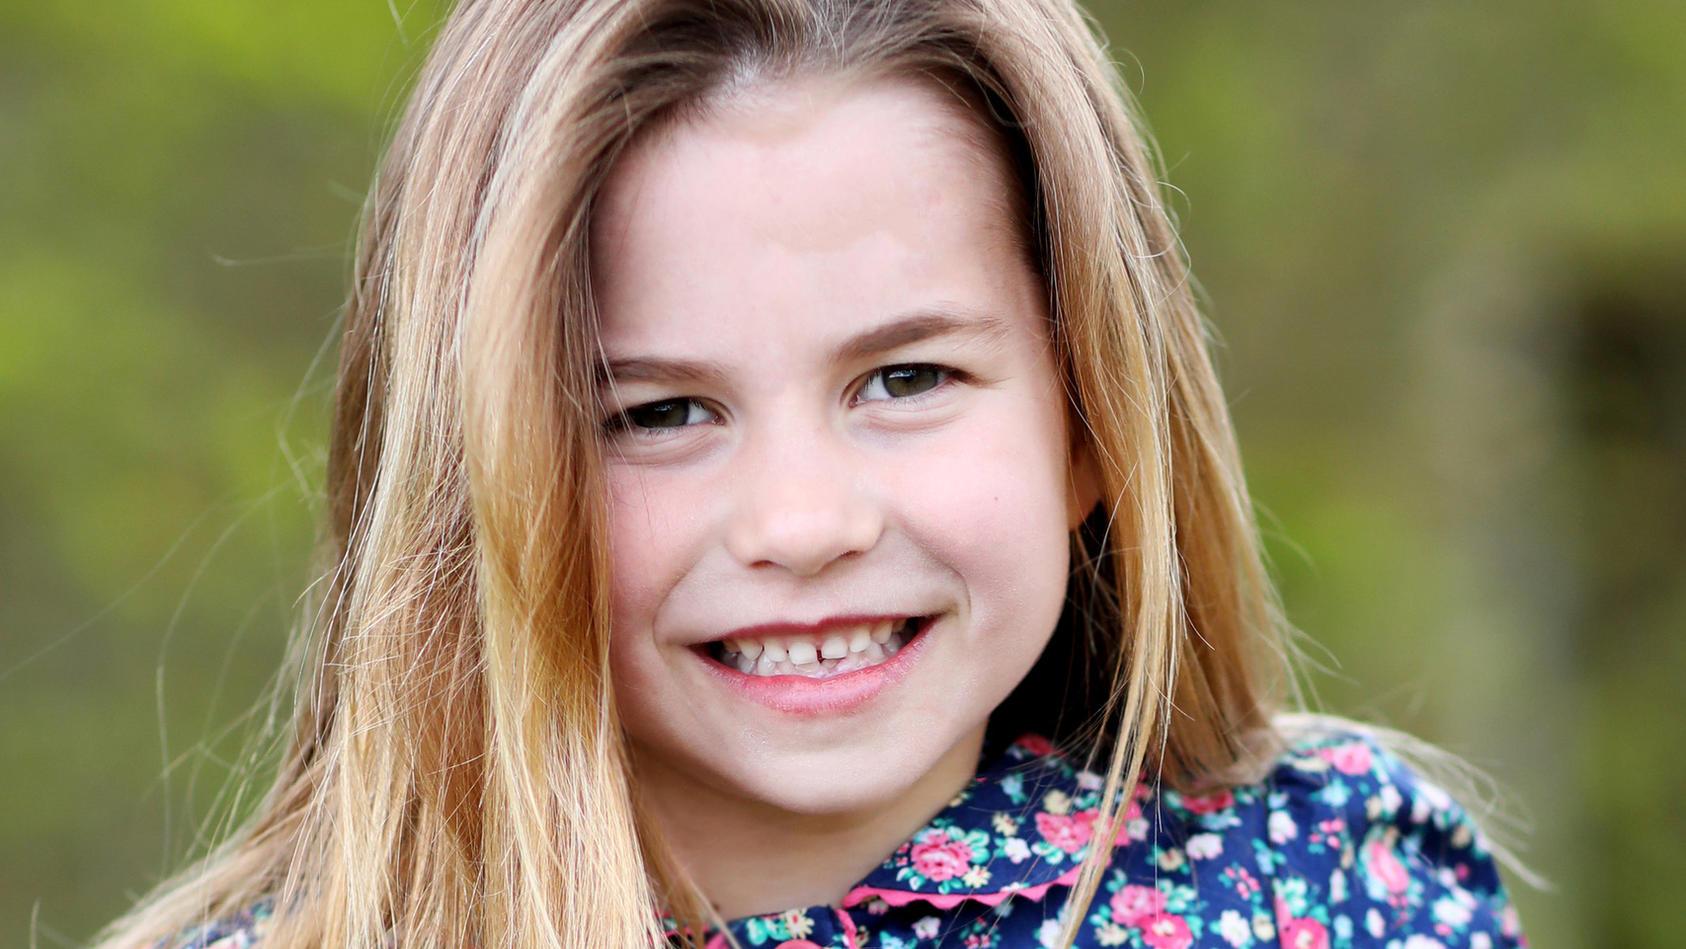 Prinzessin Charlotte feierte am 2. Mai 2021  ihren sechsten Geburtstag.